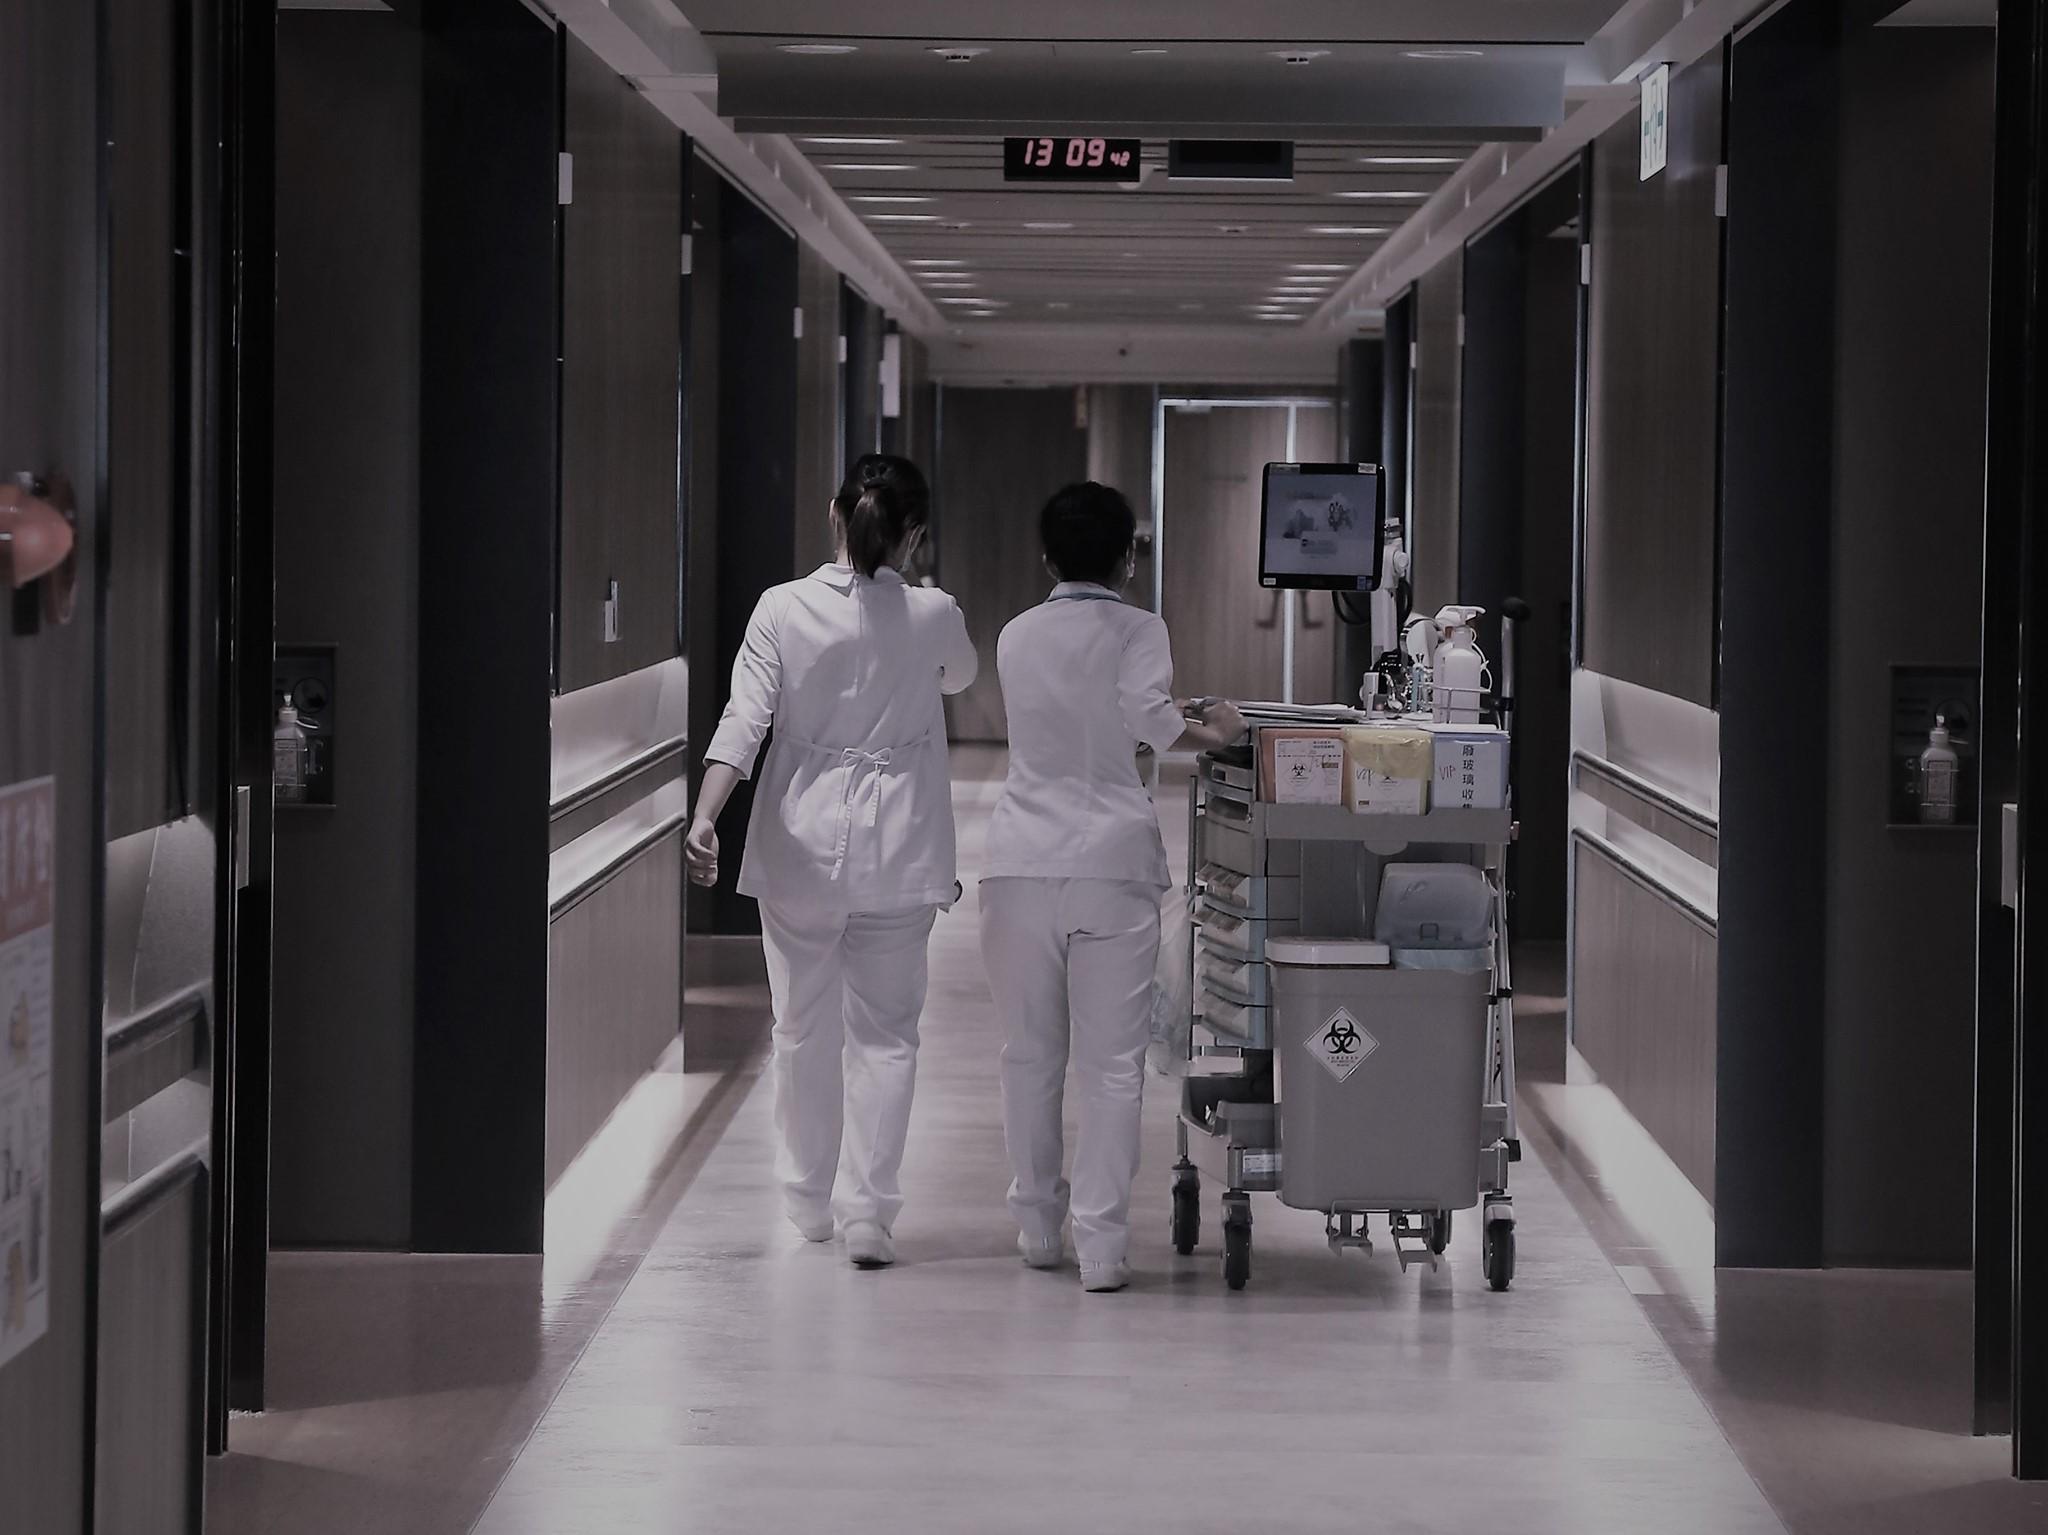 當立志成為護理師的人越來越少,護理逃兵卻越來越多!-工作甘苦談